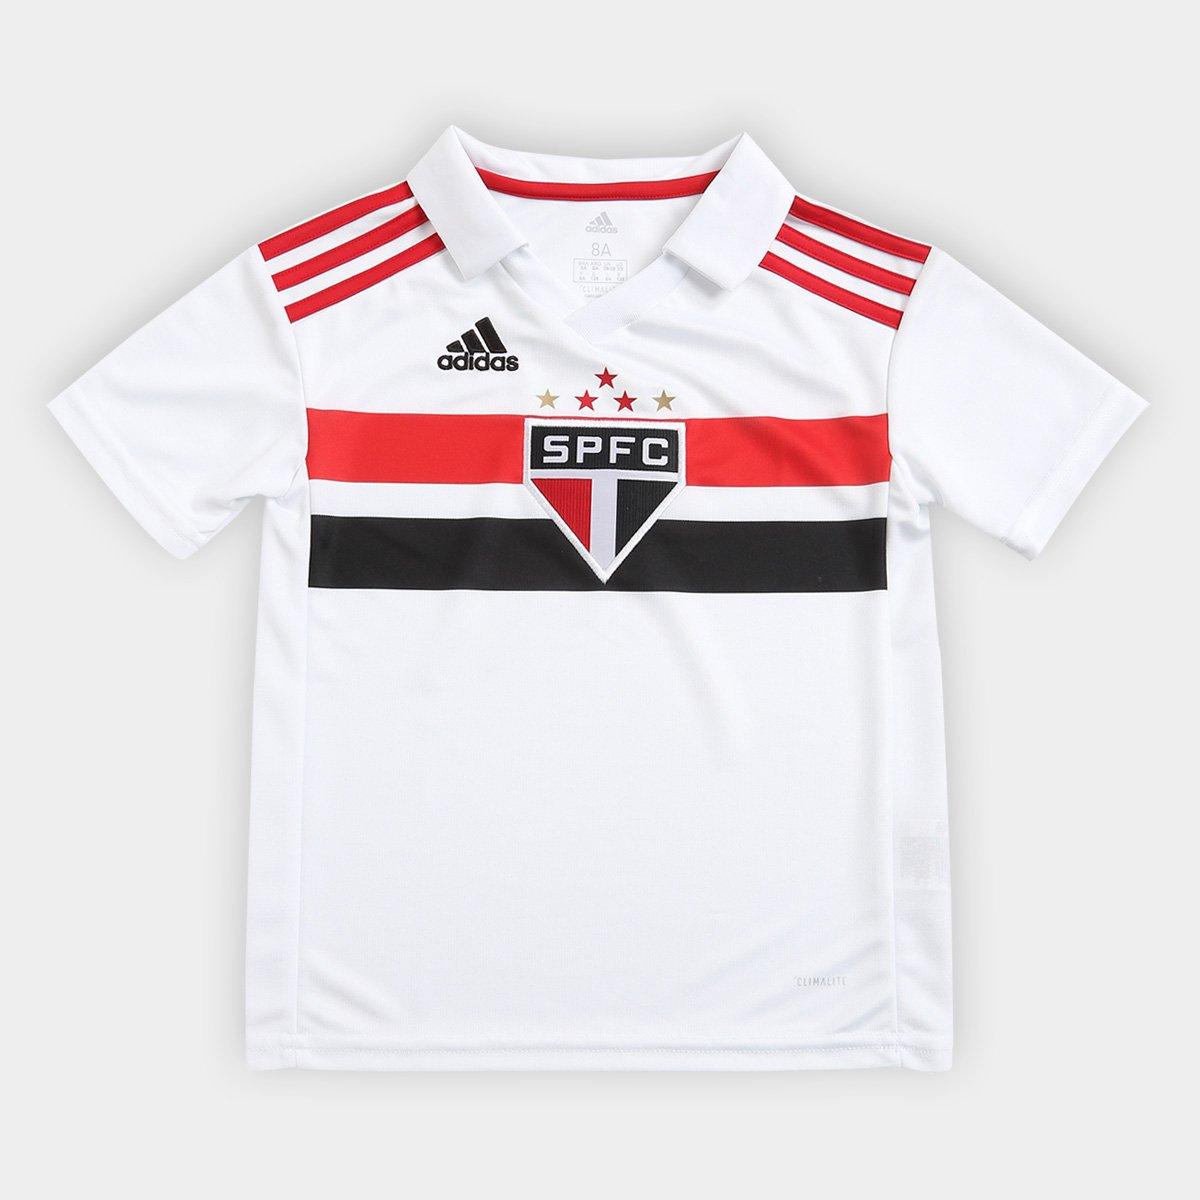 Camisa s e Vermelho Paulo n° São Torcedor Adidas Infantil I 2018 Branco  rXrvP ... 3267f4603b26b